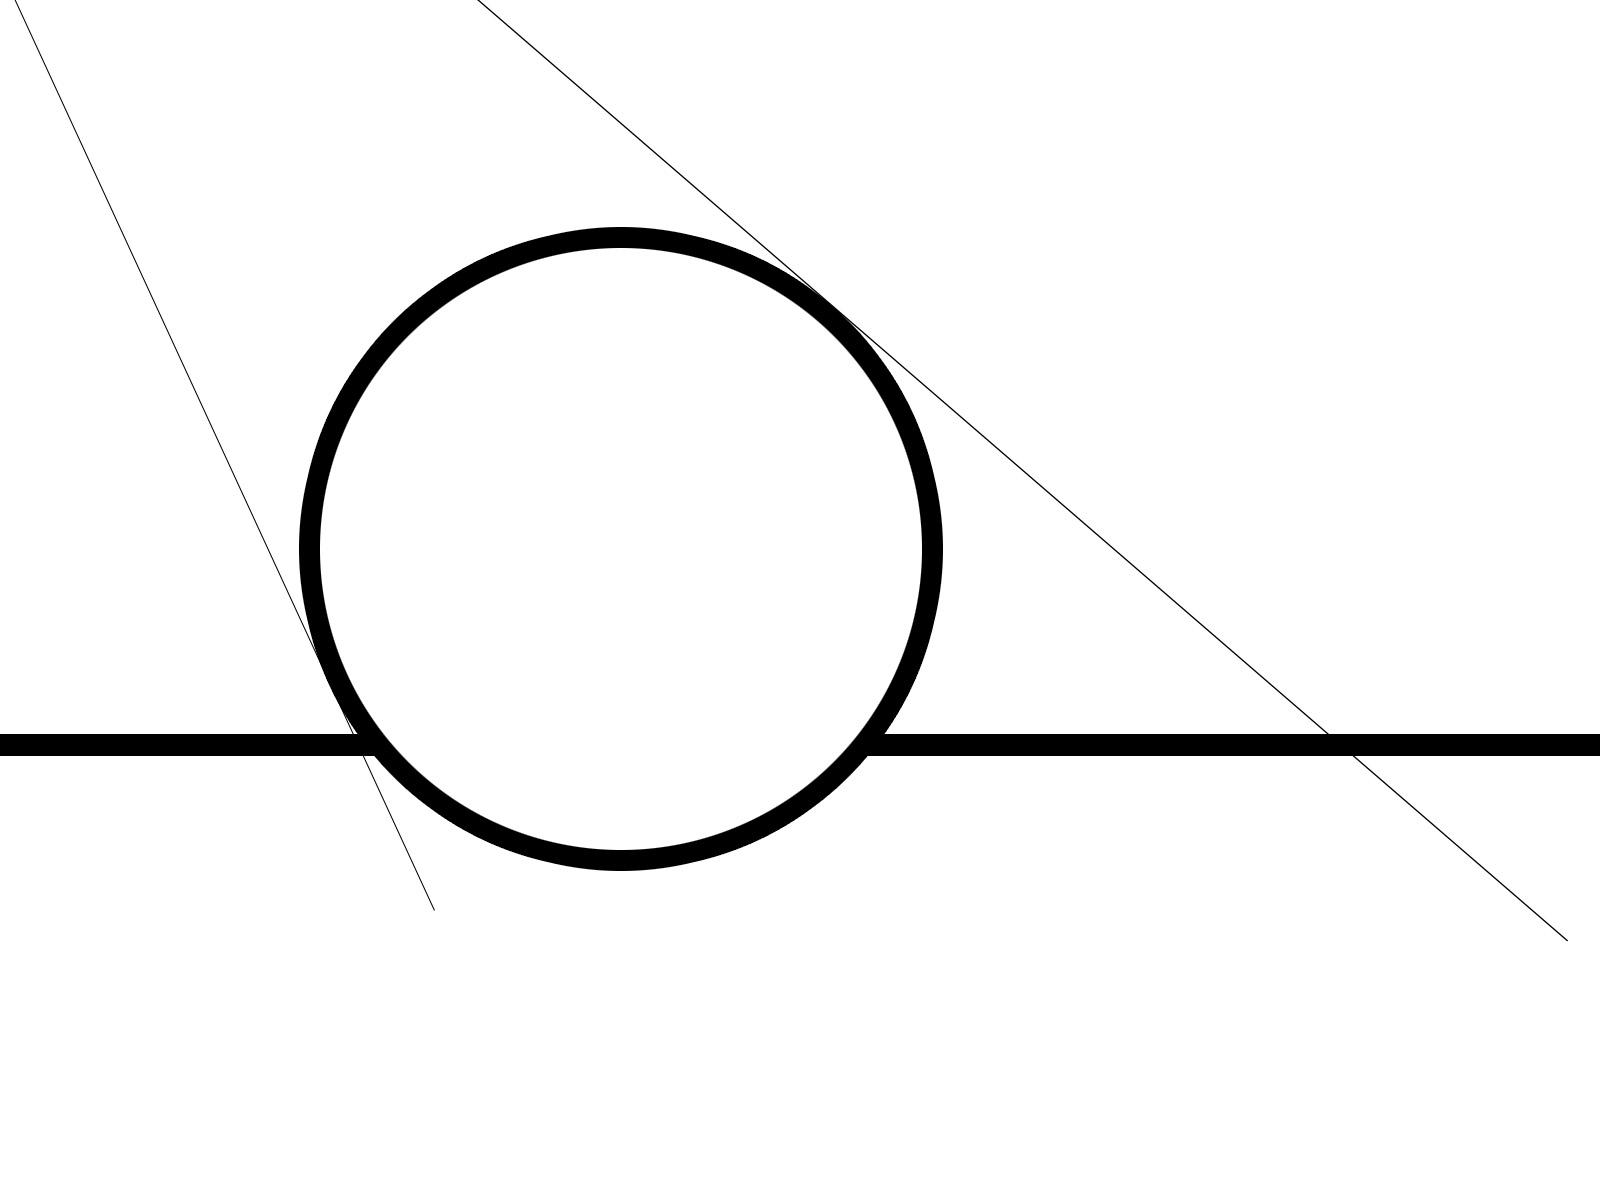 La esfera para colorear - Imagui